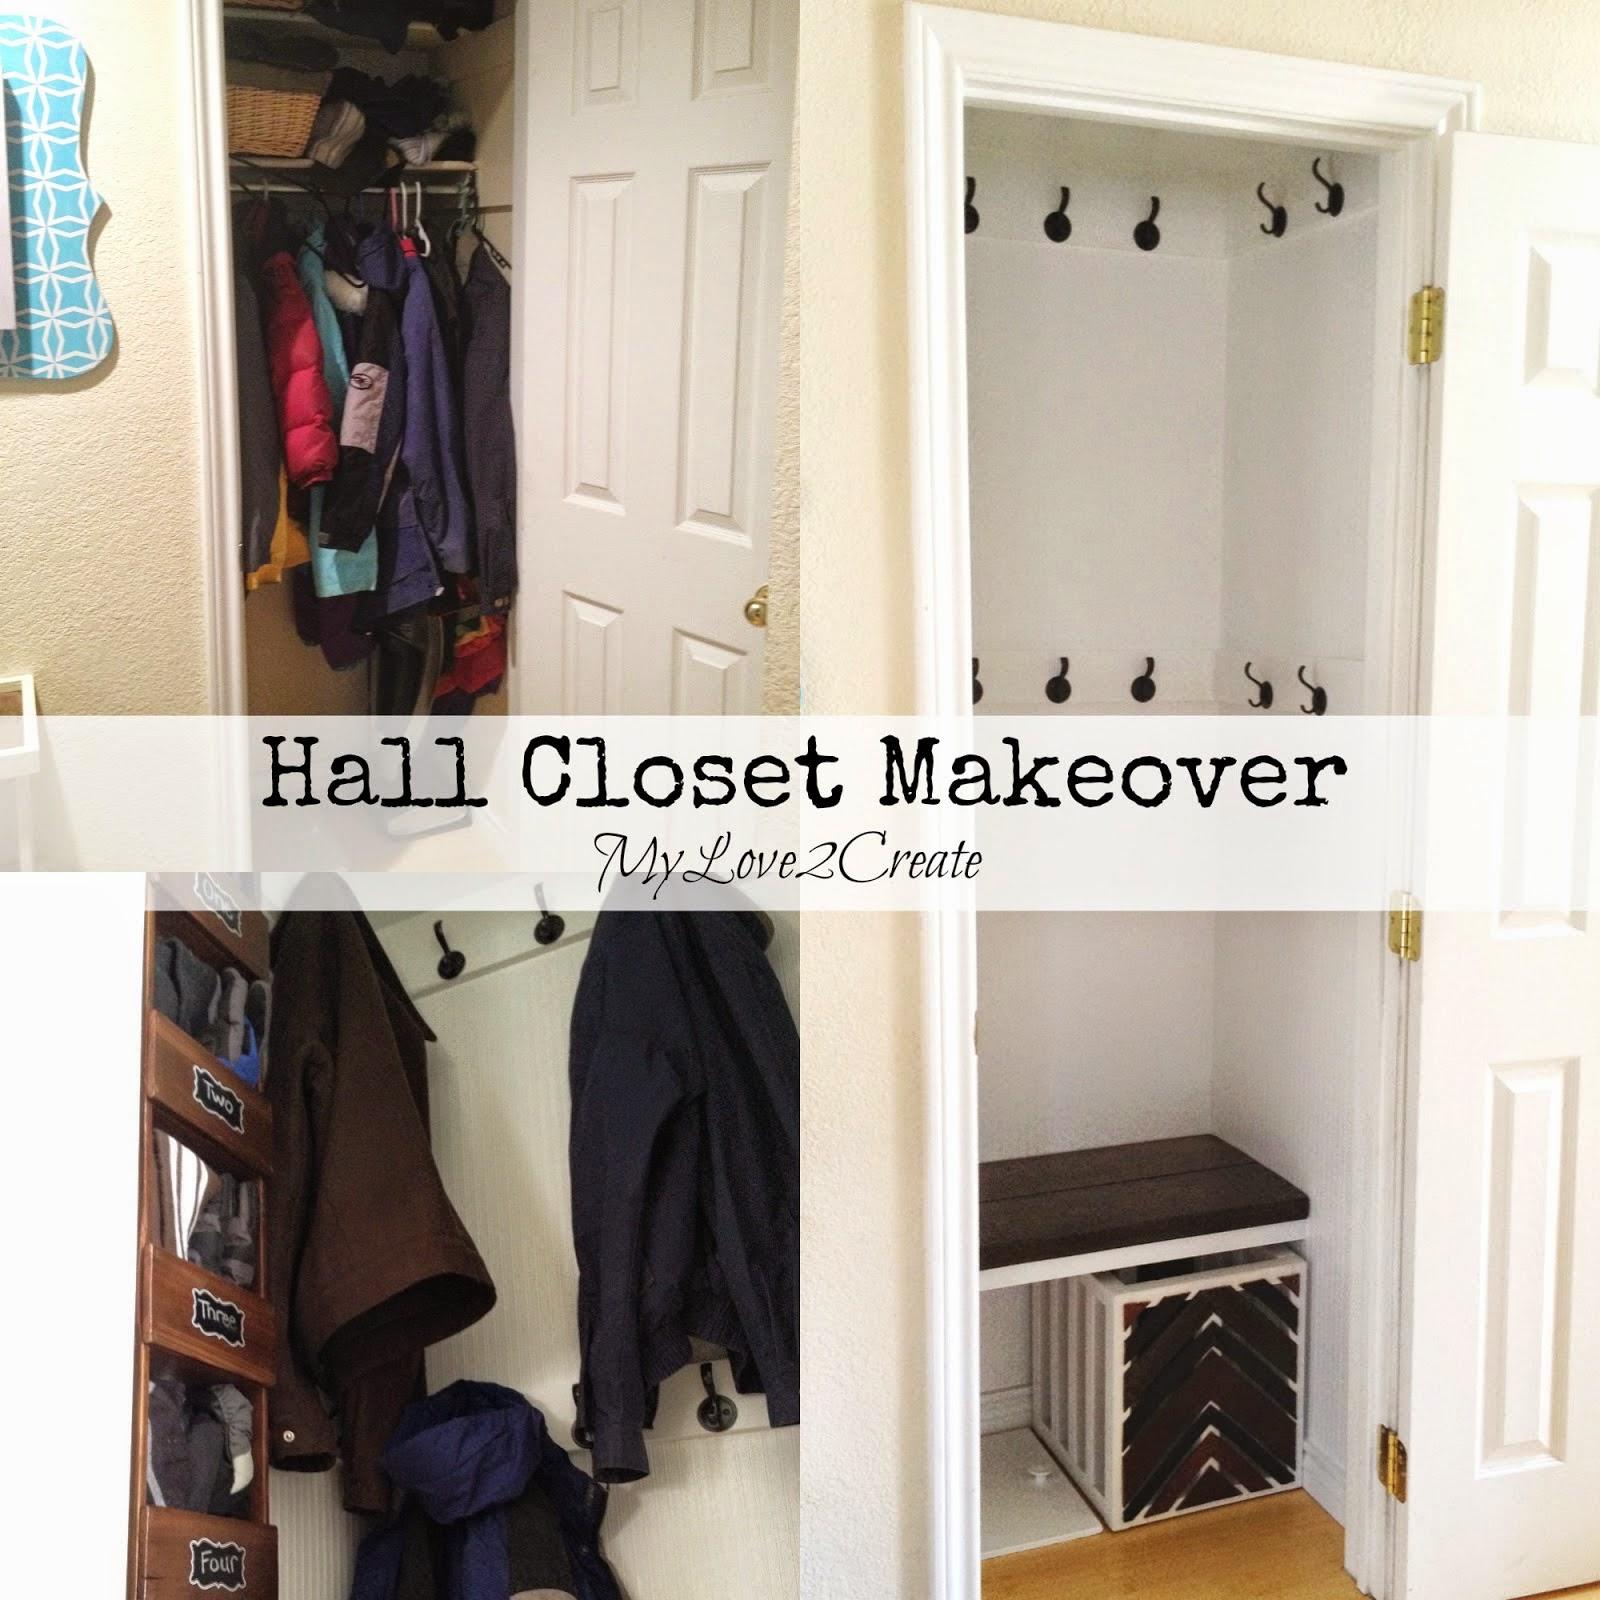 hall-closet-makeover